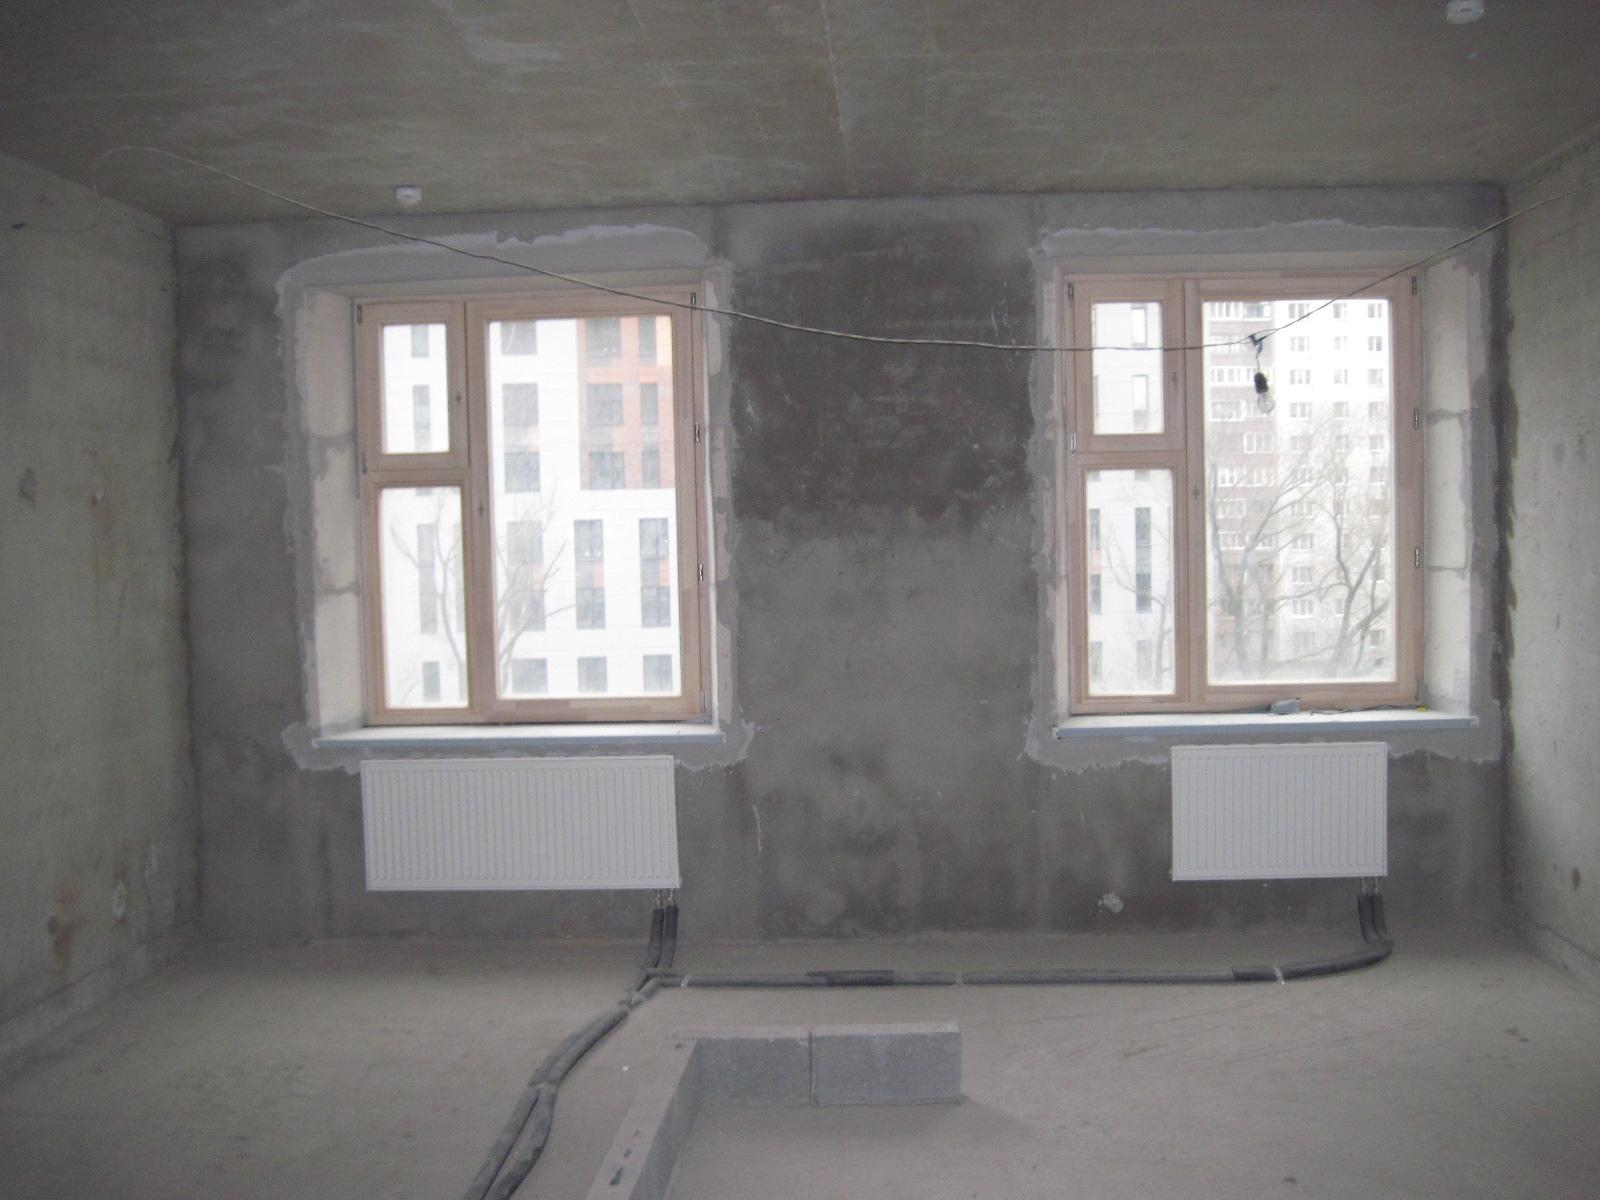 Москва Ремонт квартир, отдельные виды работ- Форум